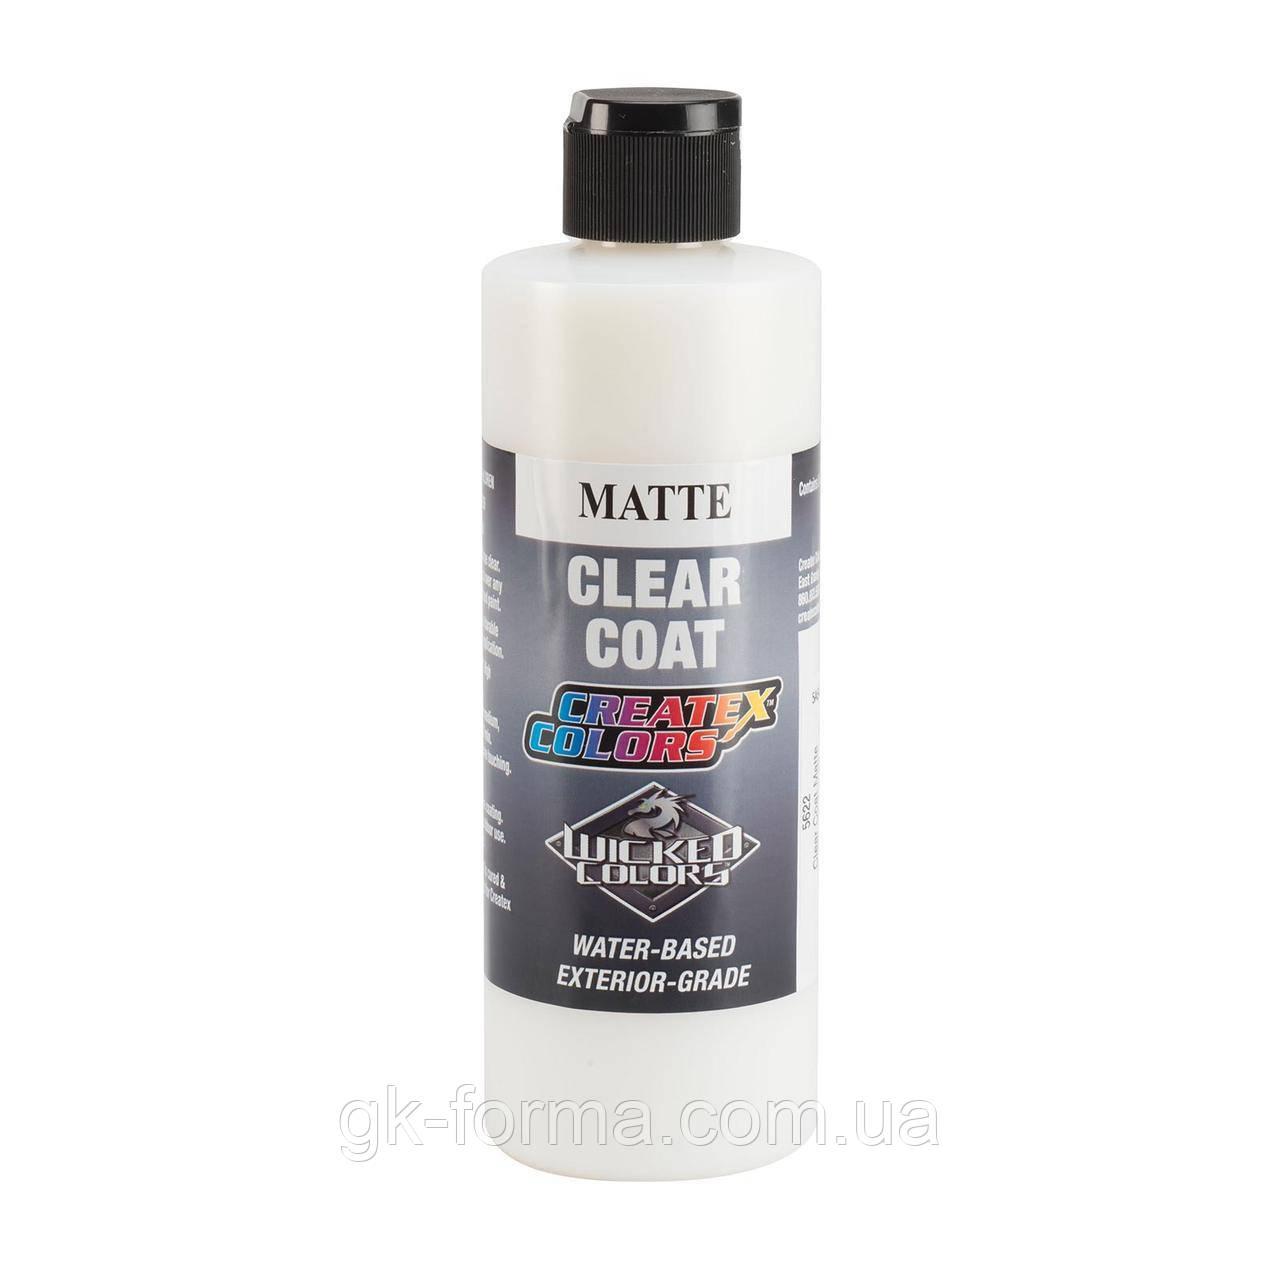 Матовый прозрачный лак для красокCreatex Clear Coat Matte 5622, 60 мл